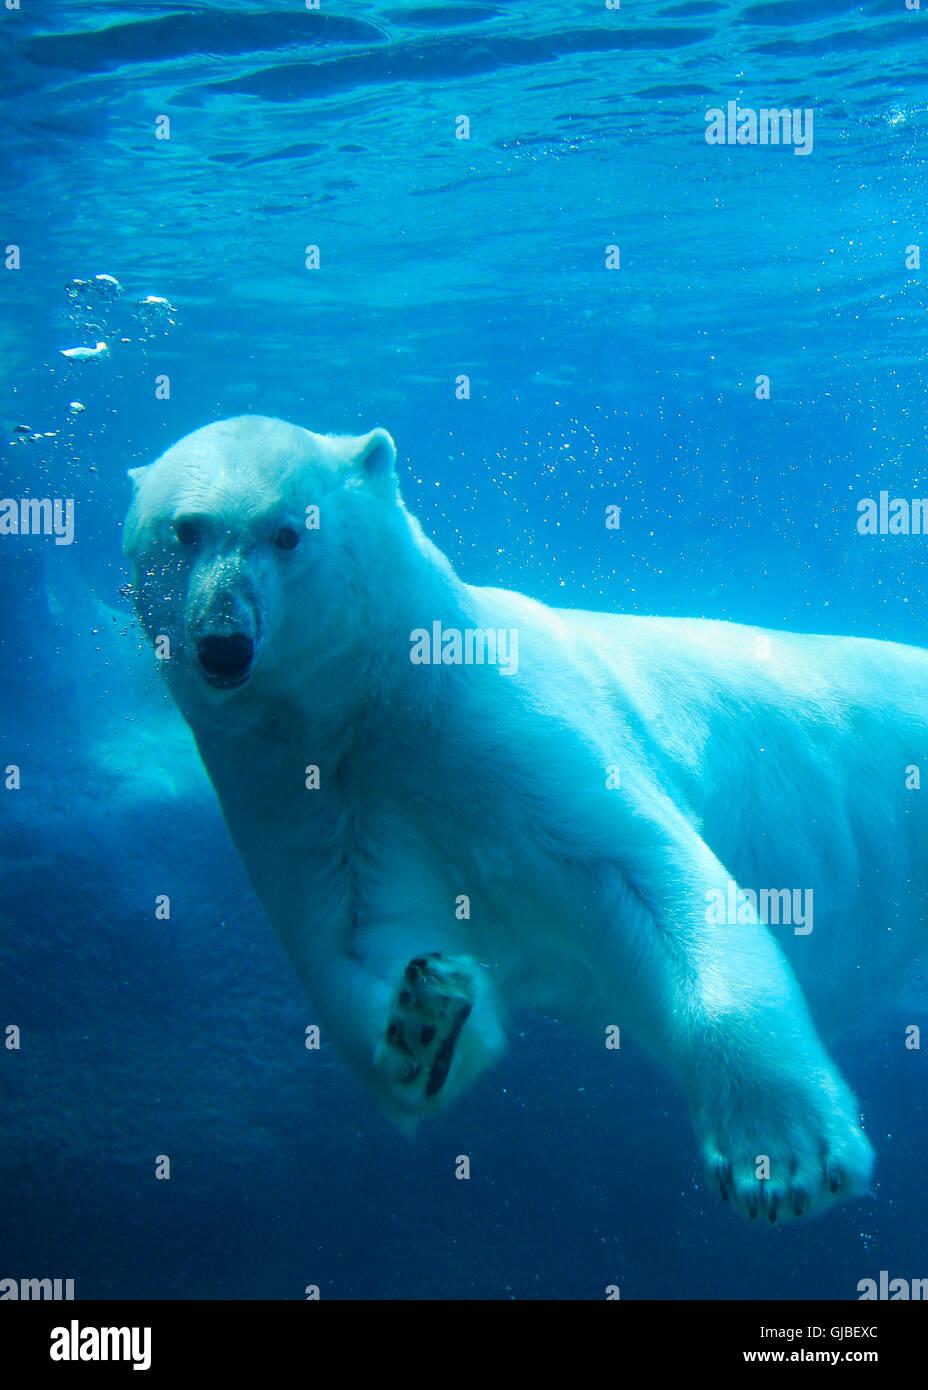 Orso polare nuoto sott'acqua Immagini Stock